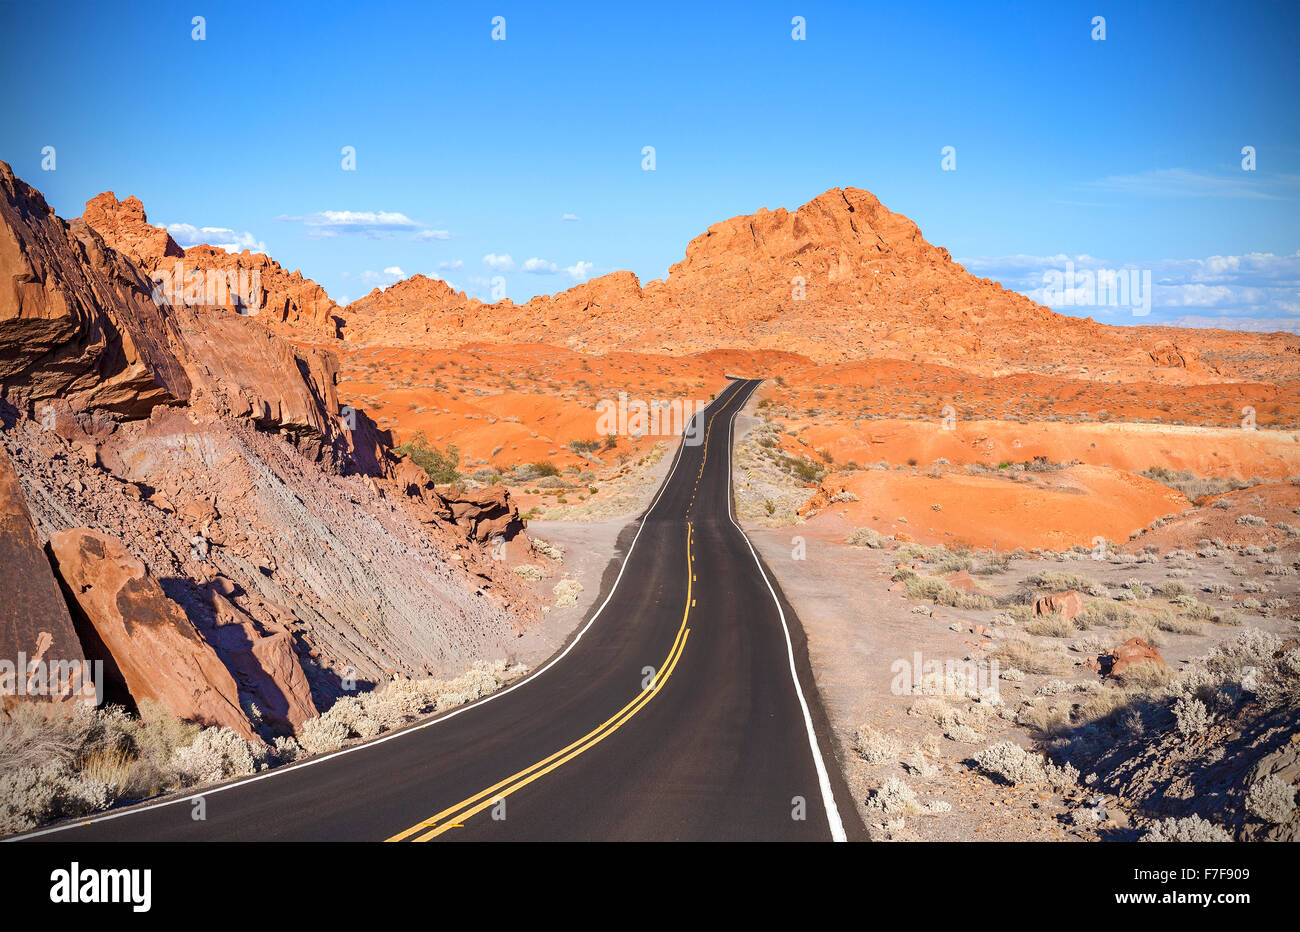 La liquidation de l'autoroute du désert, voyage adventure concept, Vallée de Feu Park, Nevada, USA. Photo Stock